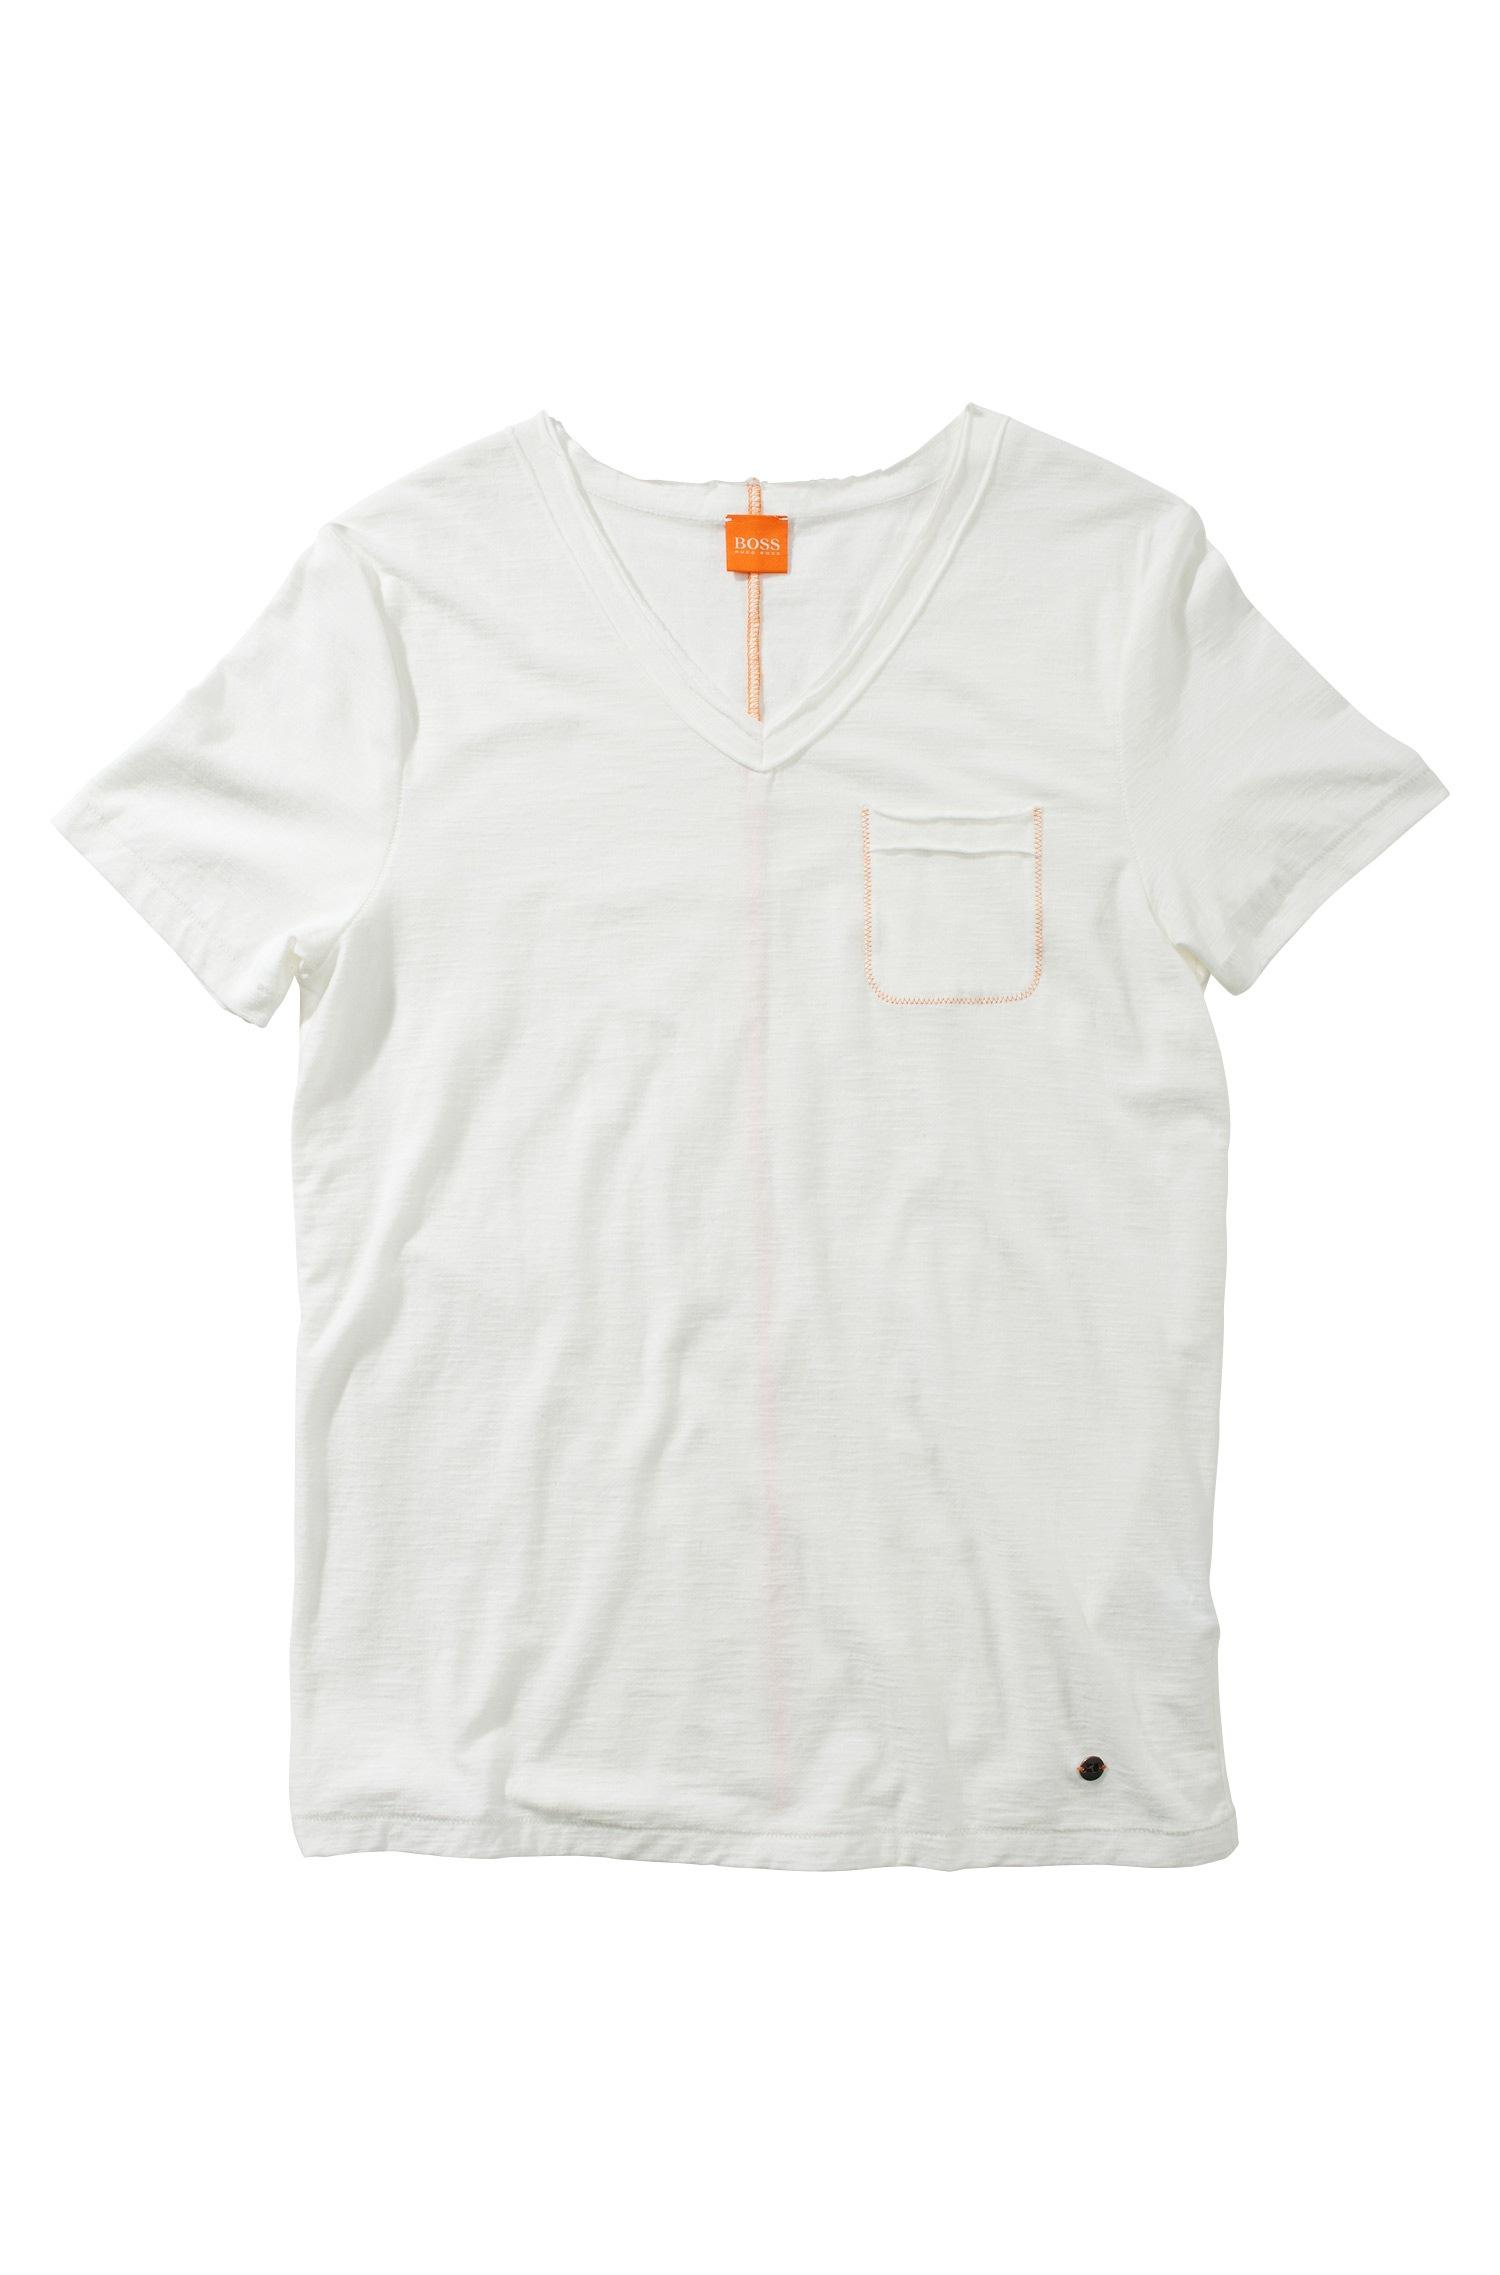 Lyst Boss Orange Vneck Tshirt Talence In White For Men